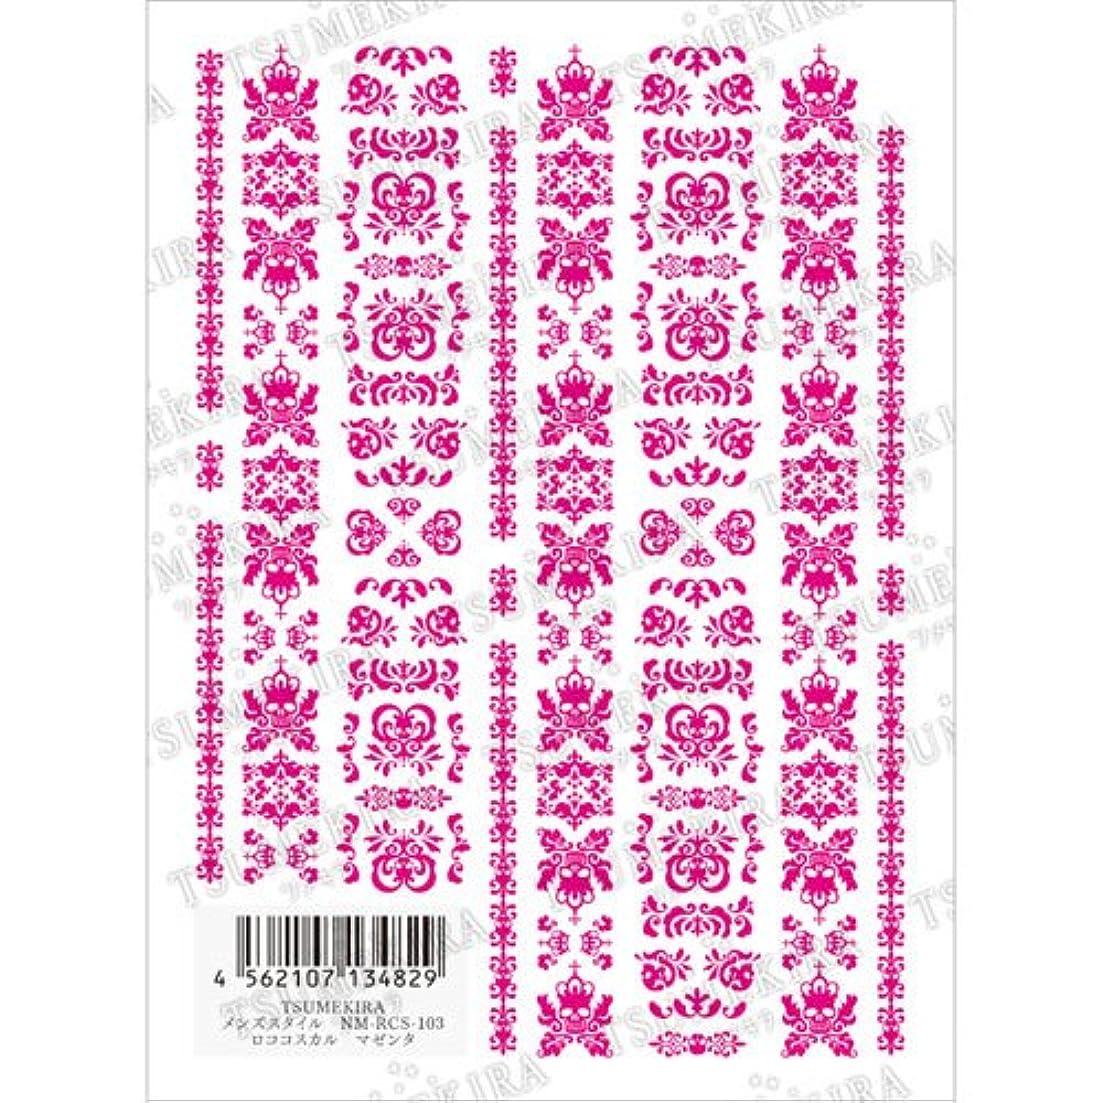 小川摂動クラフトツメキラ ネイル用シール メンズスタイル ロココスカル ピンク